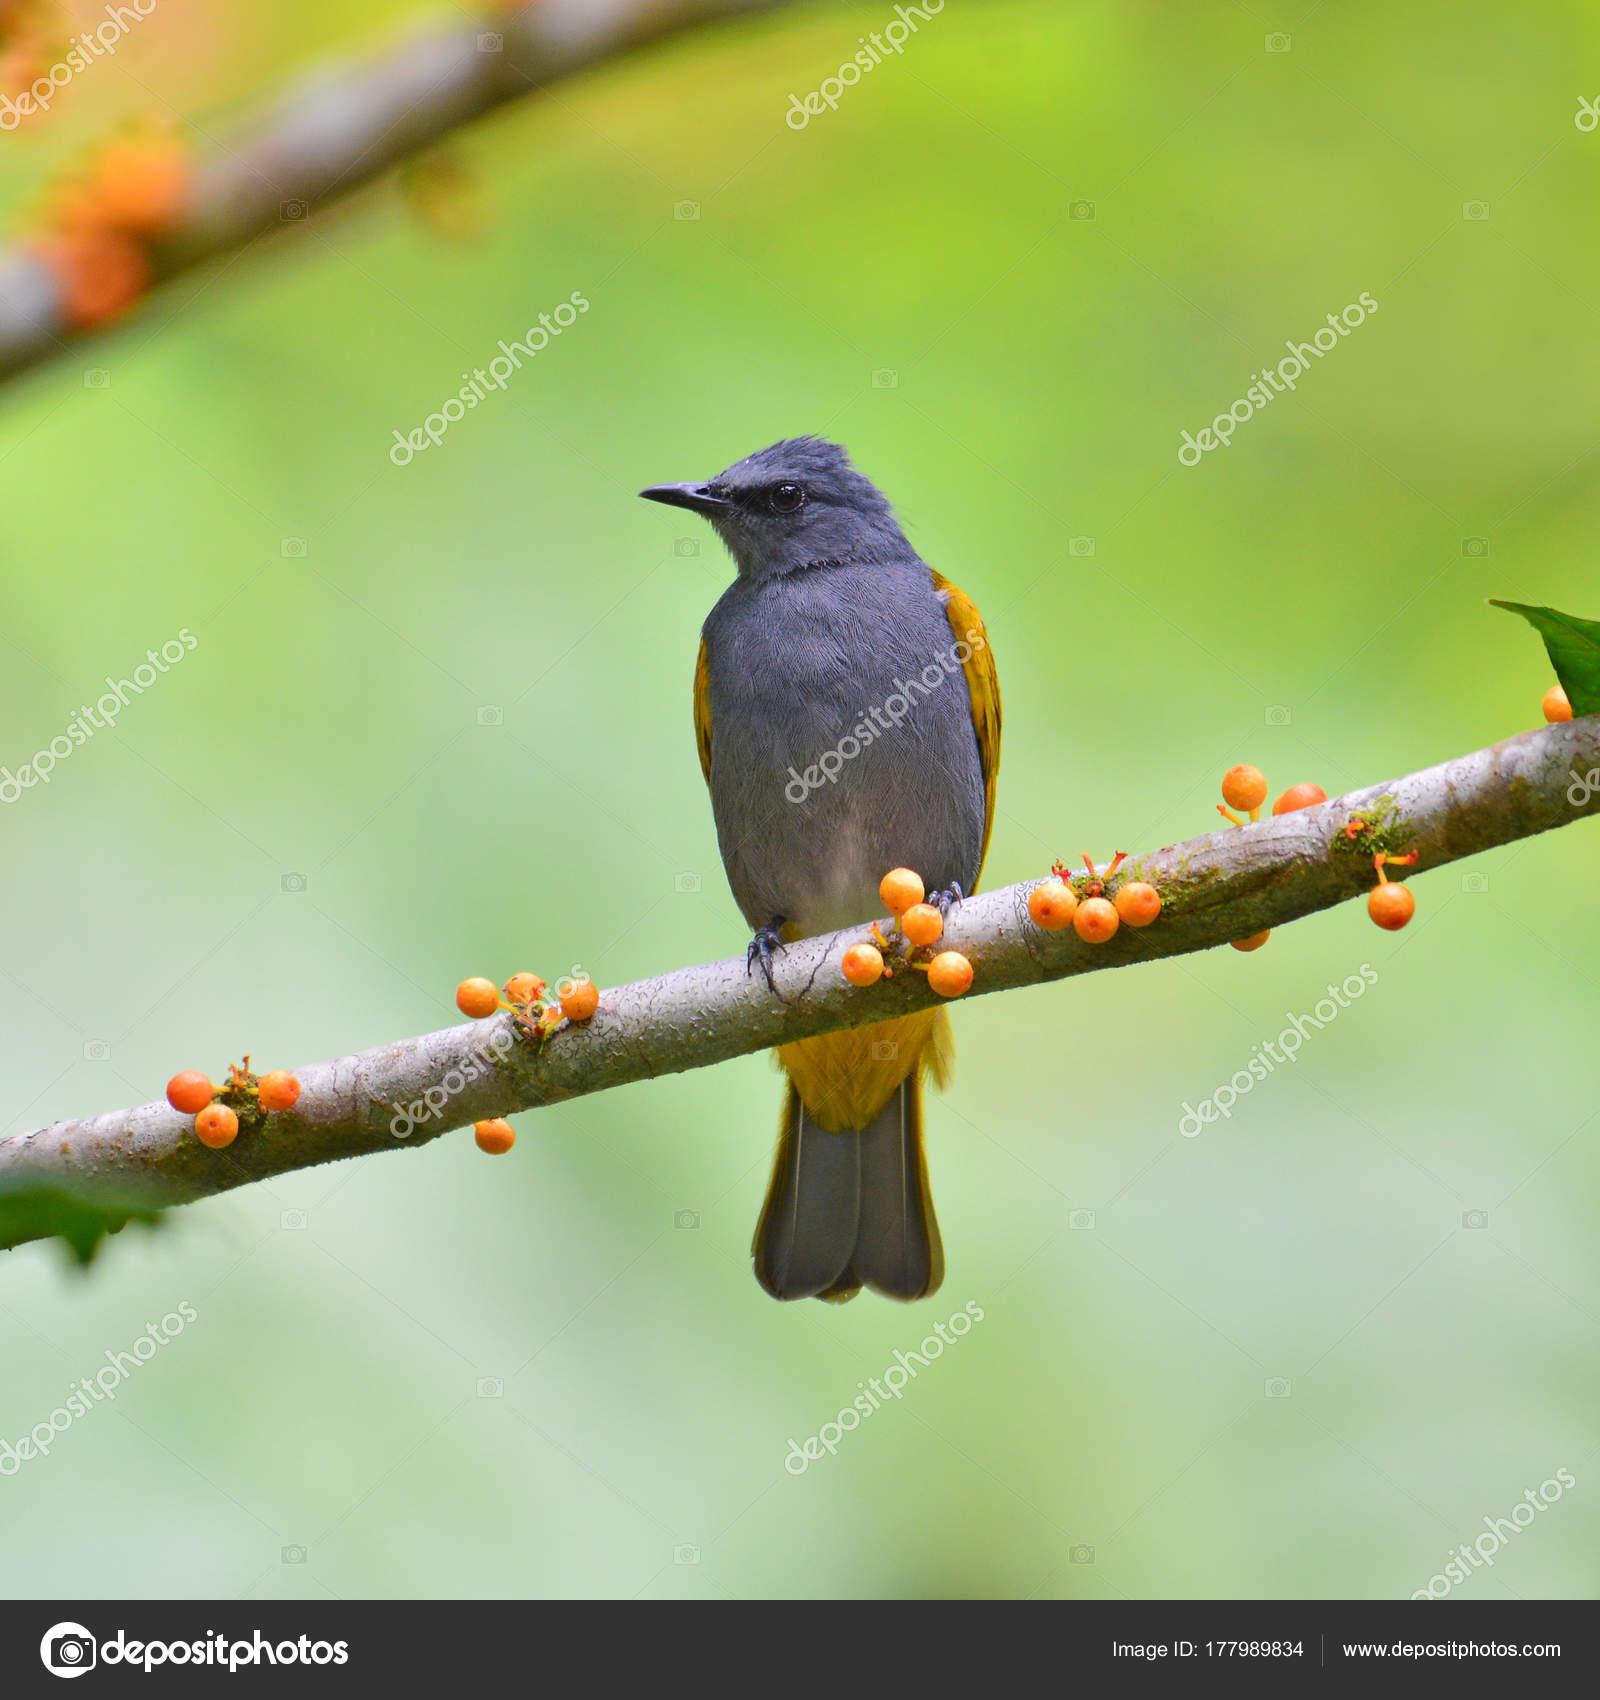 μεγάλο λίπος μαύρο πουλί pic